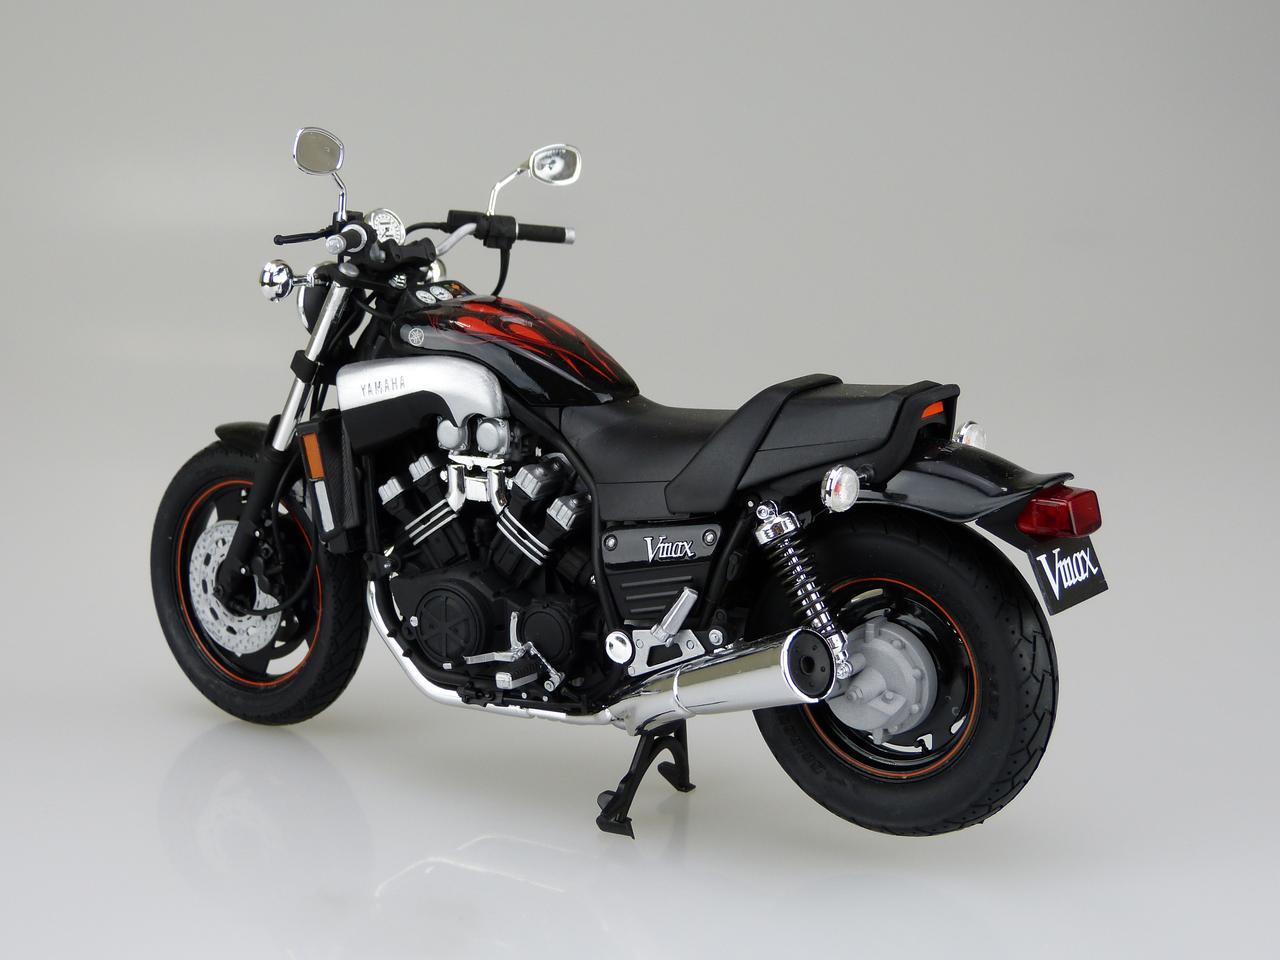 画像3: 1/12 バイク No.08 ヤマハ VMAX '07 ■価格:2600円(税抜)※2016年5月発売予定